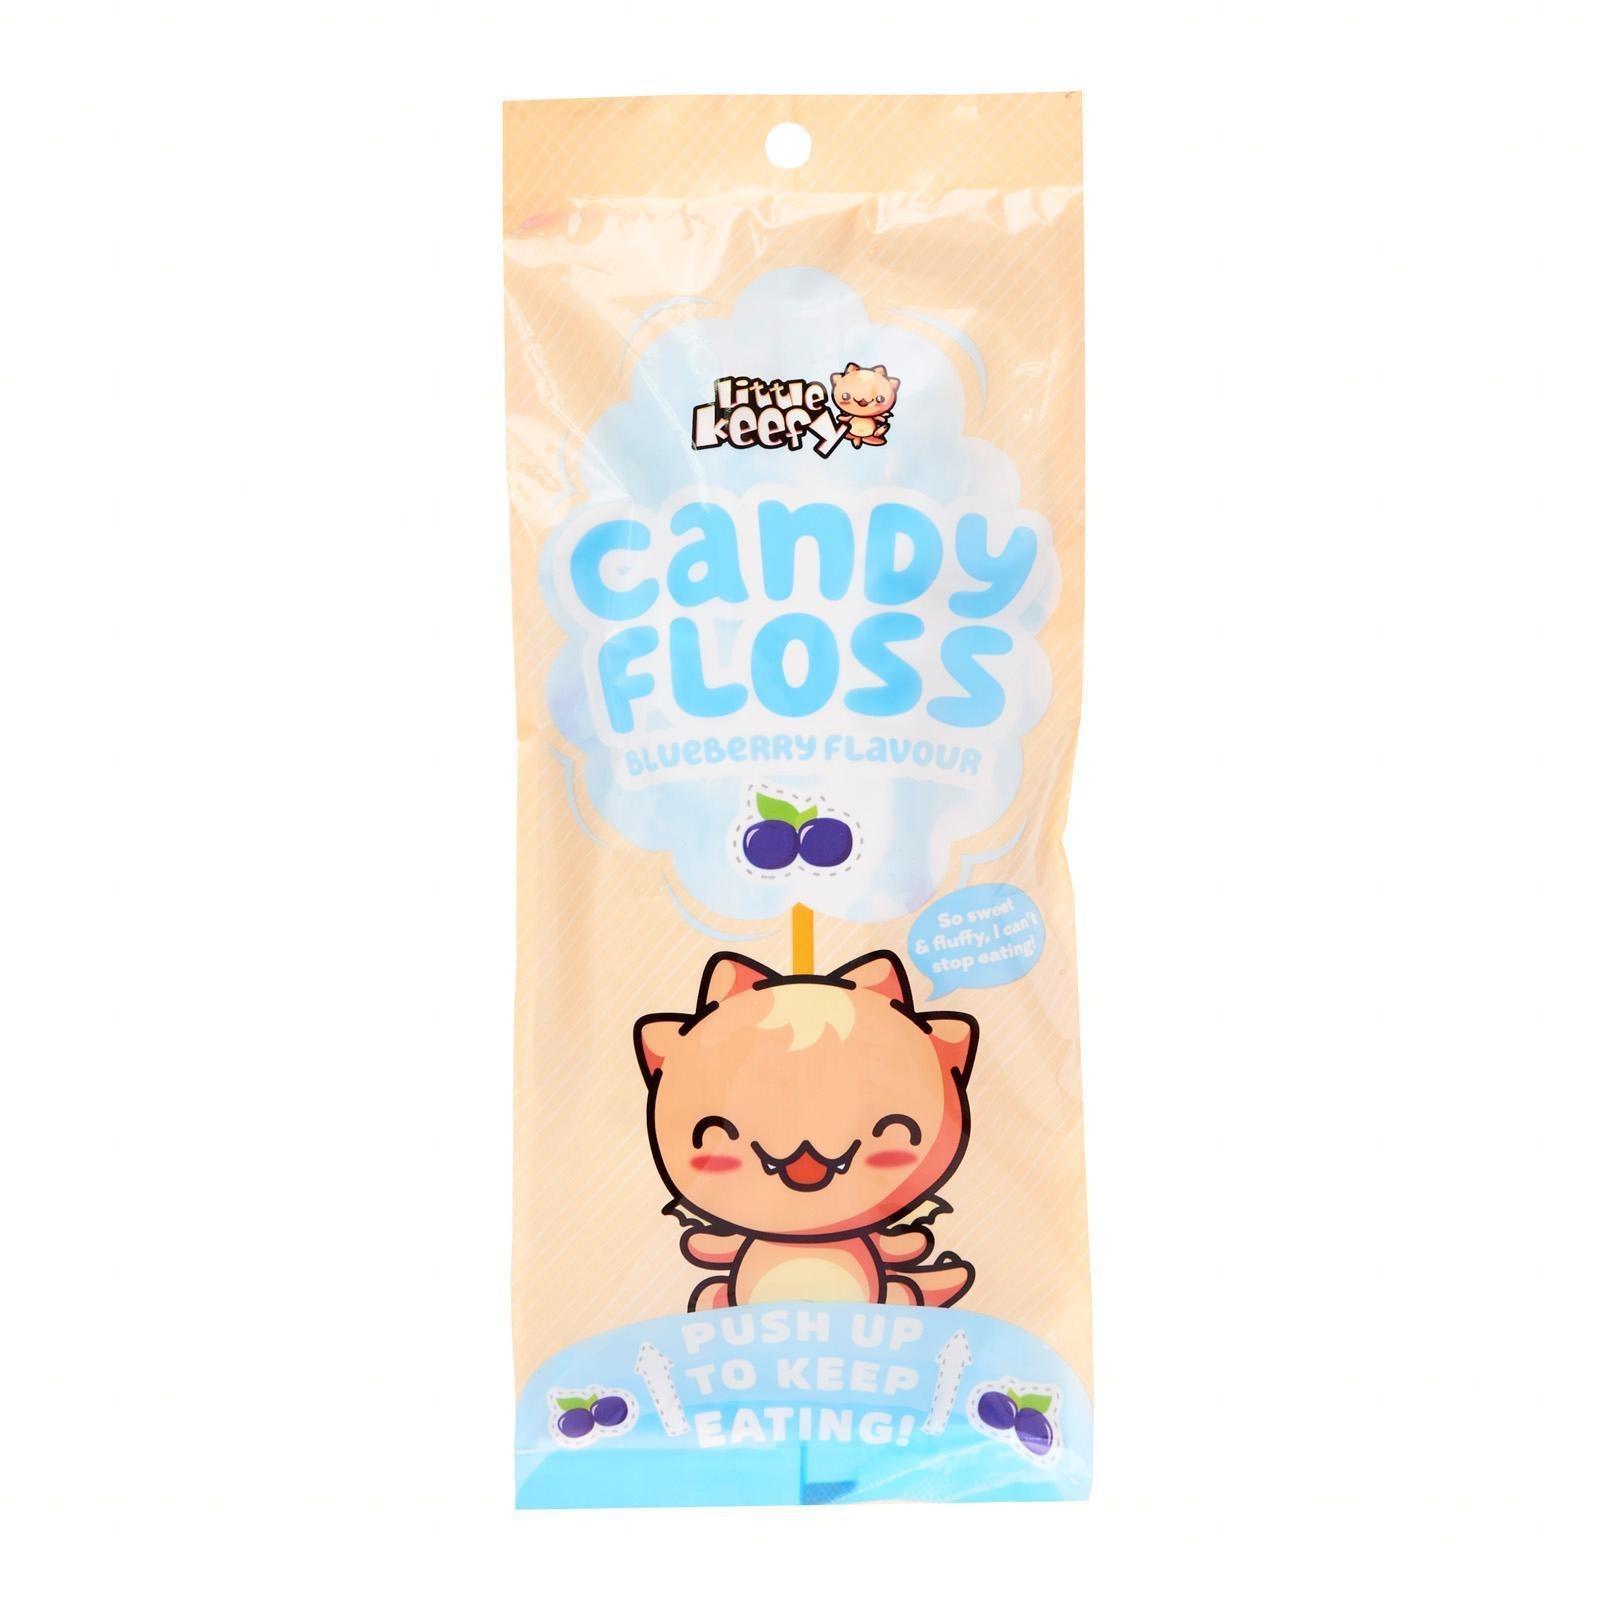 Little Keefy Candy Floss - Blueberry